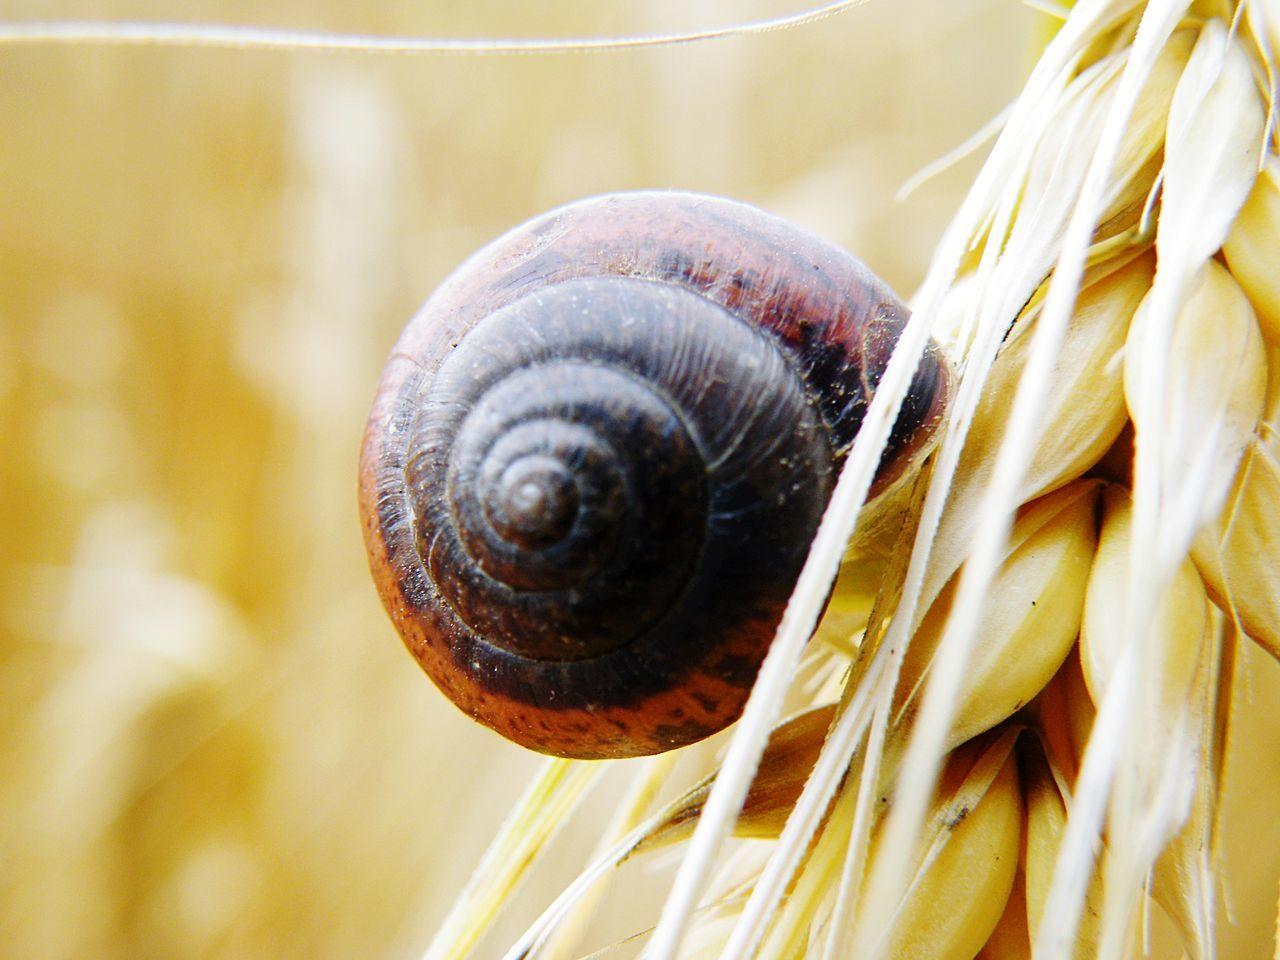 Schnecke Schneckenhaus Schnecken Snails Snails🐌 Getreide Getreidefeld Korn Kornfeld